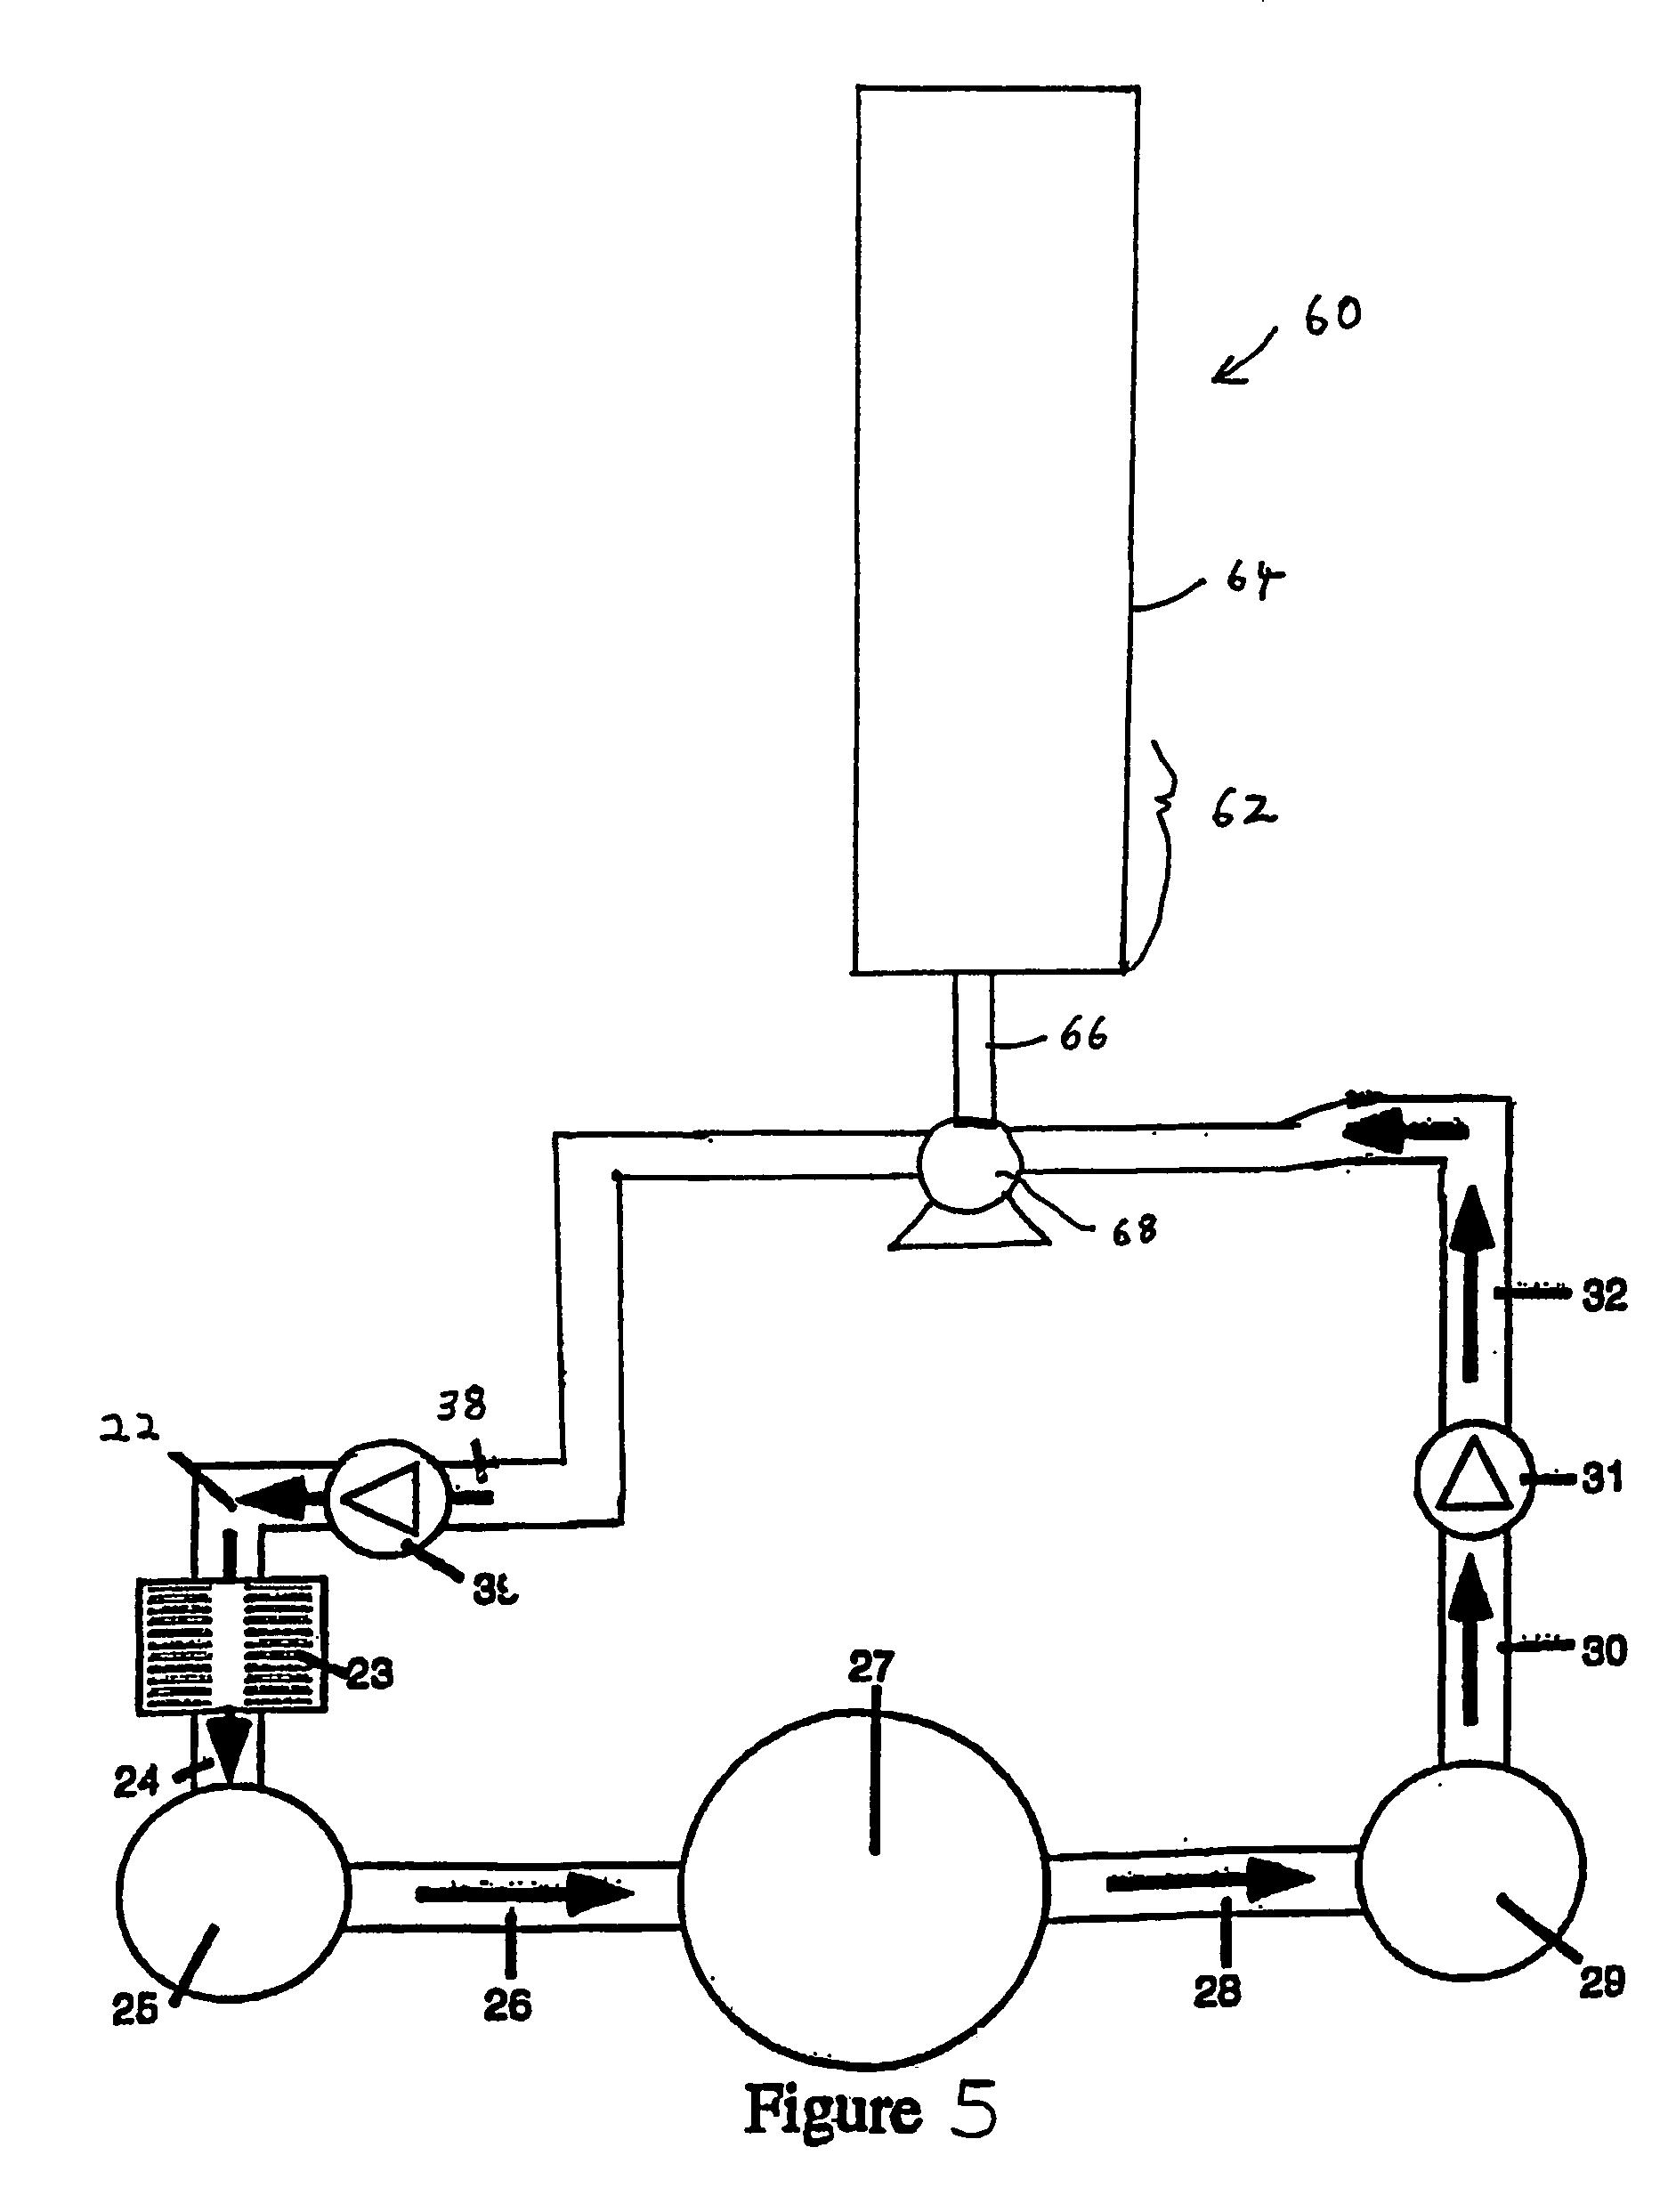 B18 Motor Diagram | Wiring Diagram Database on m14 diagram, b17 diagram, b24 diagram, b29 diagram, a3 diagram, s3 diagram,